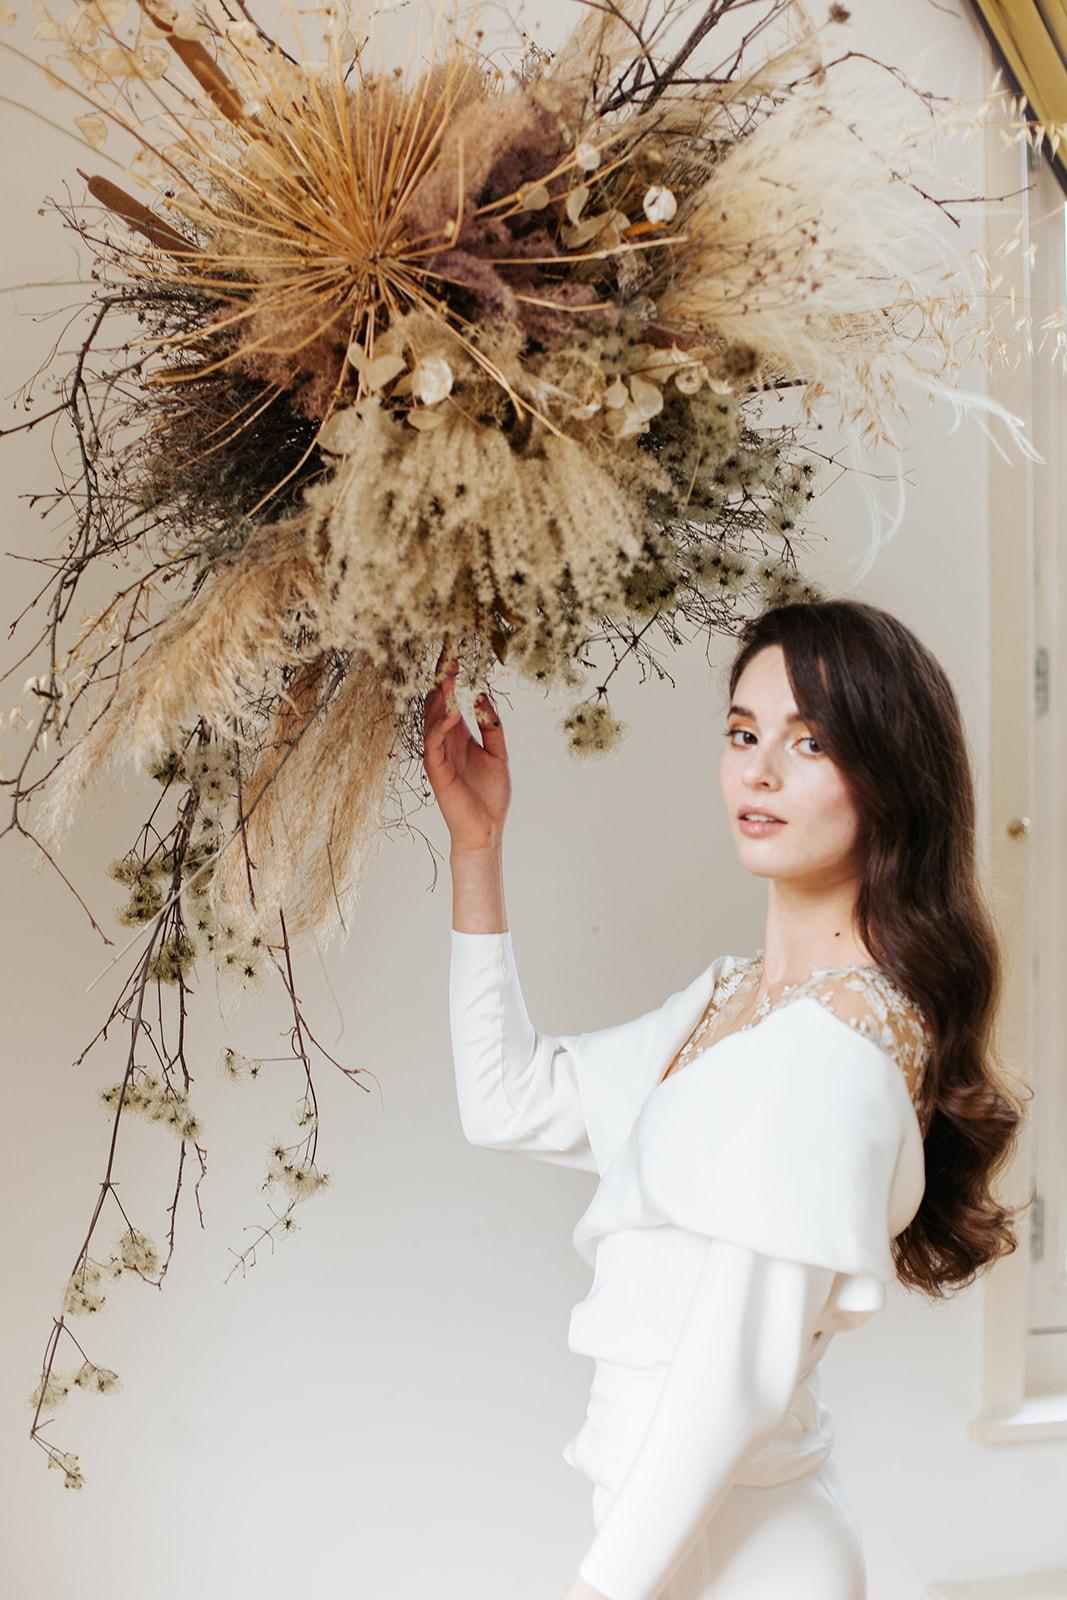 Bloemen op  je bruiloft, Bruidsjurk Jumpsuit zijden overslagblouse bruidsbroek, eenvoudig wit trouwpak. Hanneke Peters Couture, Yara Photography